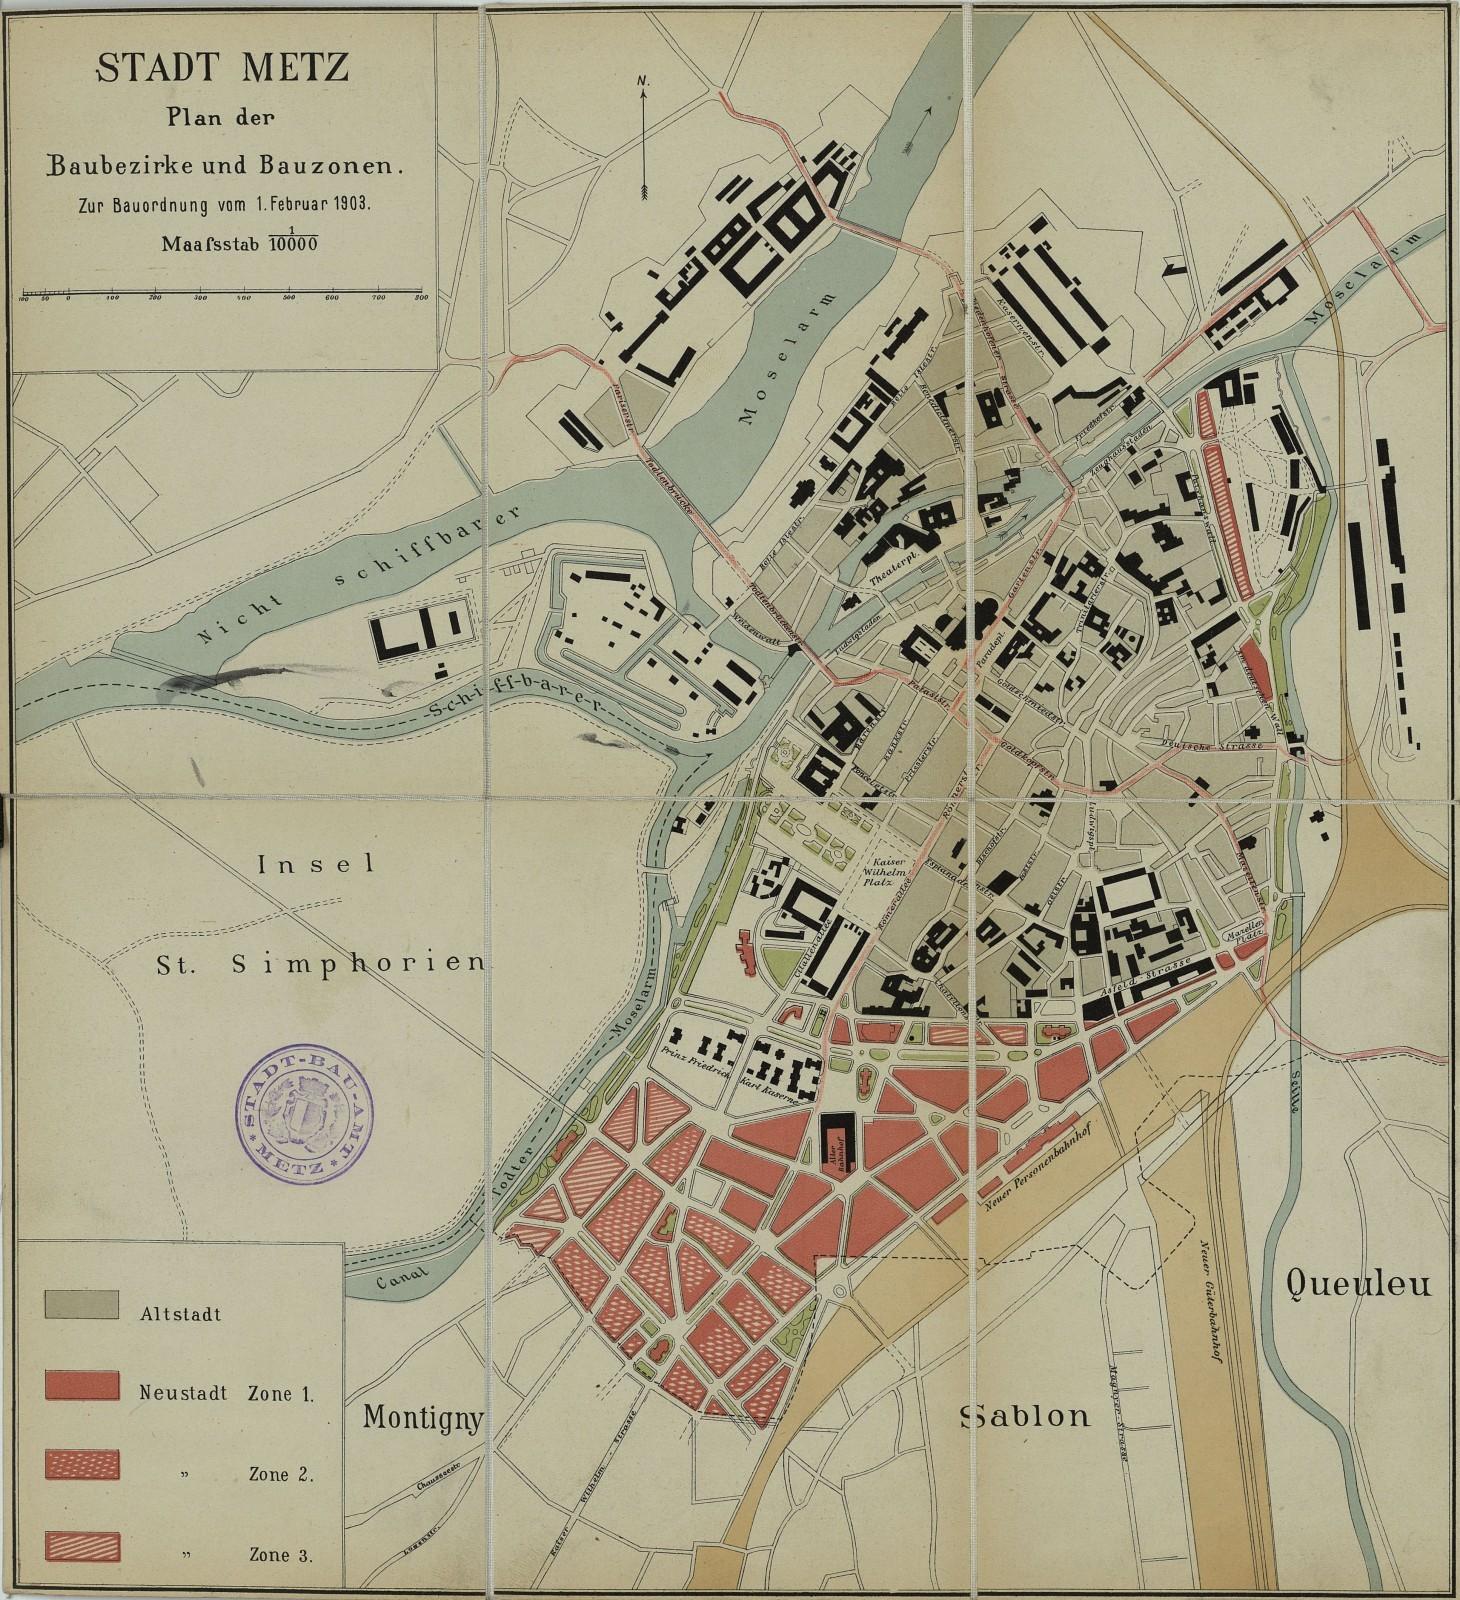 Plan de zonage accompagnant la nouvelle police de construction de la ville de Metz au 1er février 1903 (Archives municipales de Metz, MC 464).